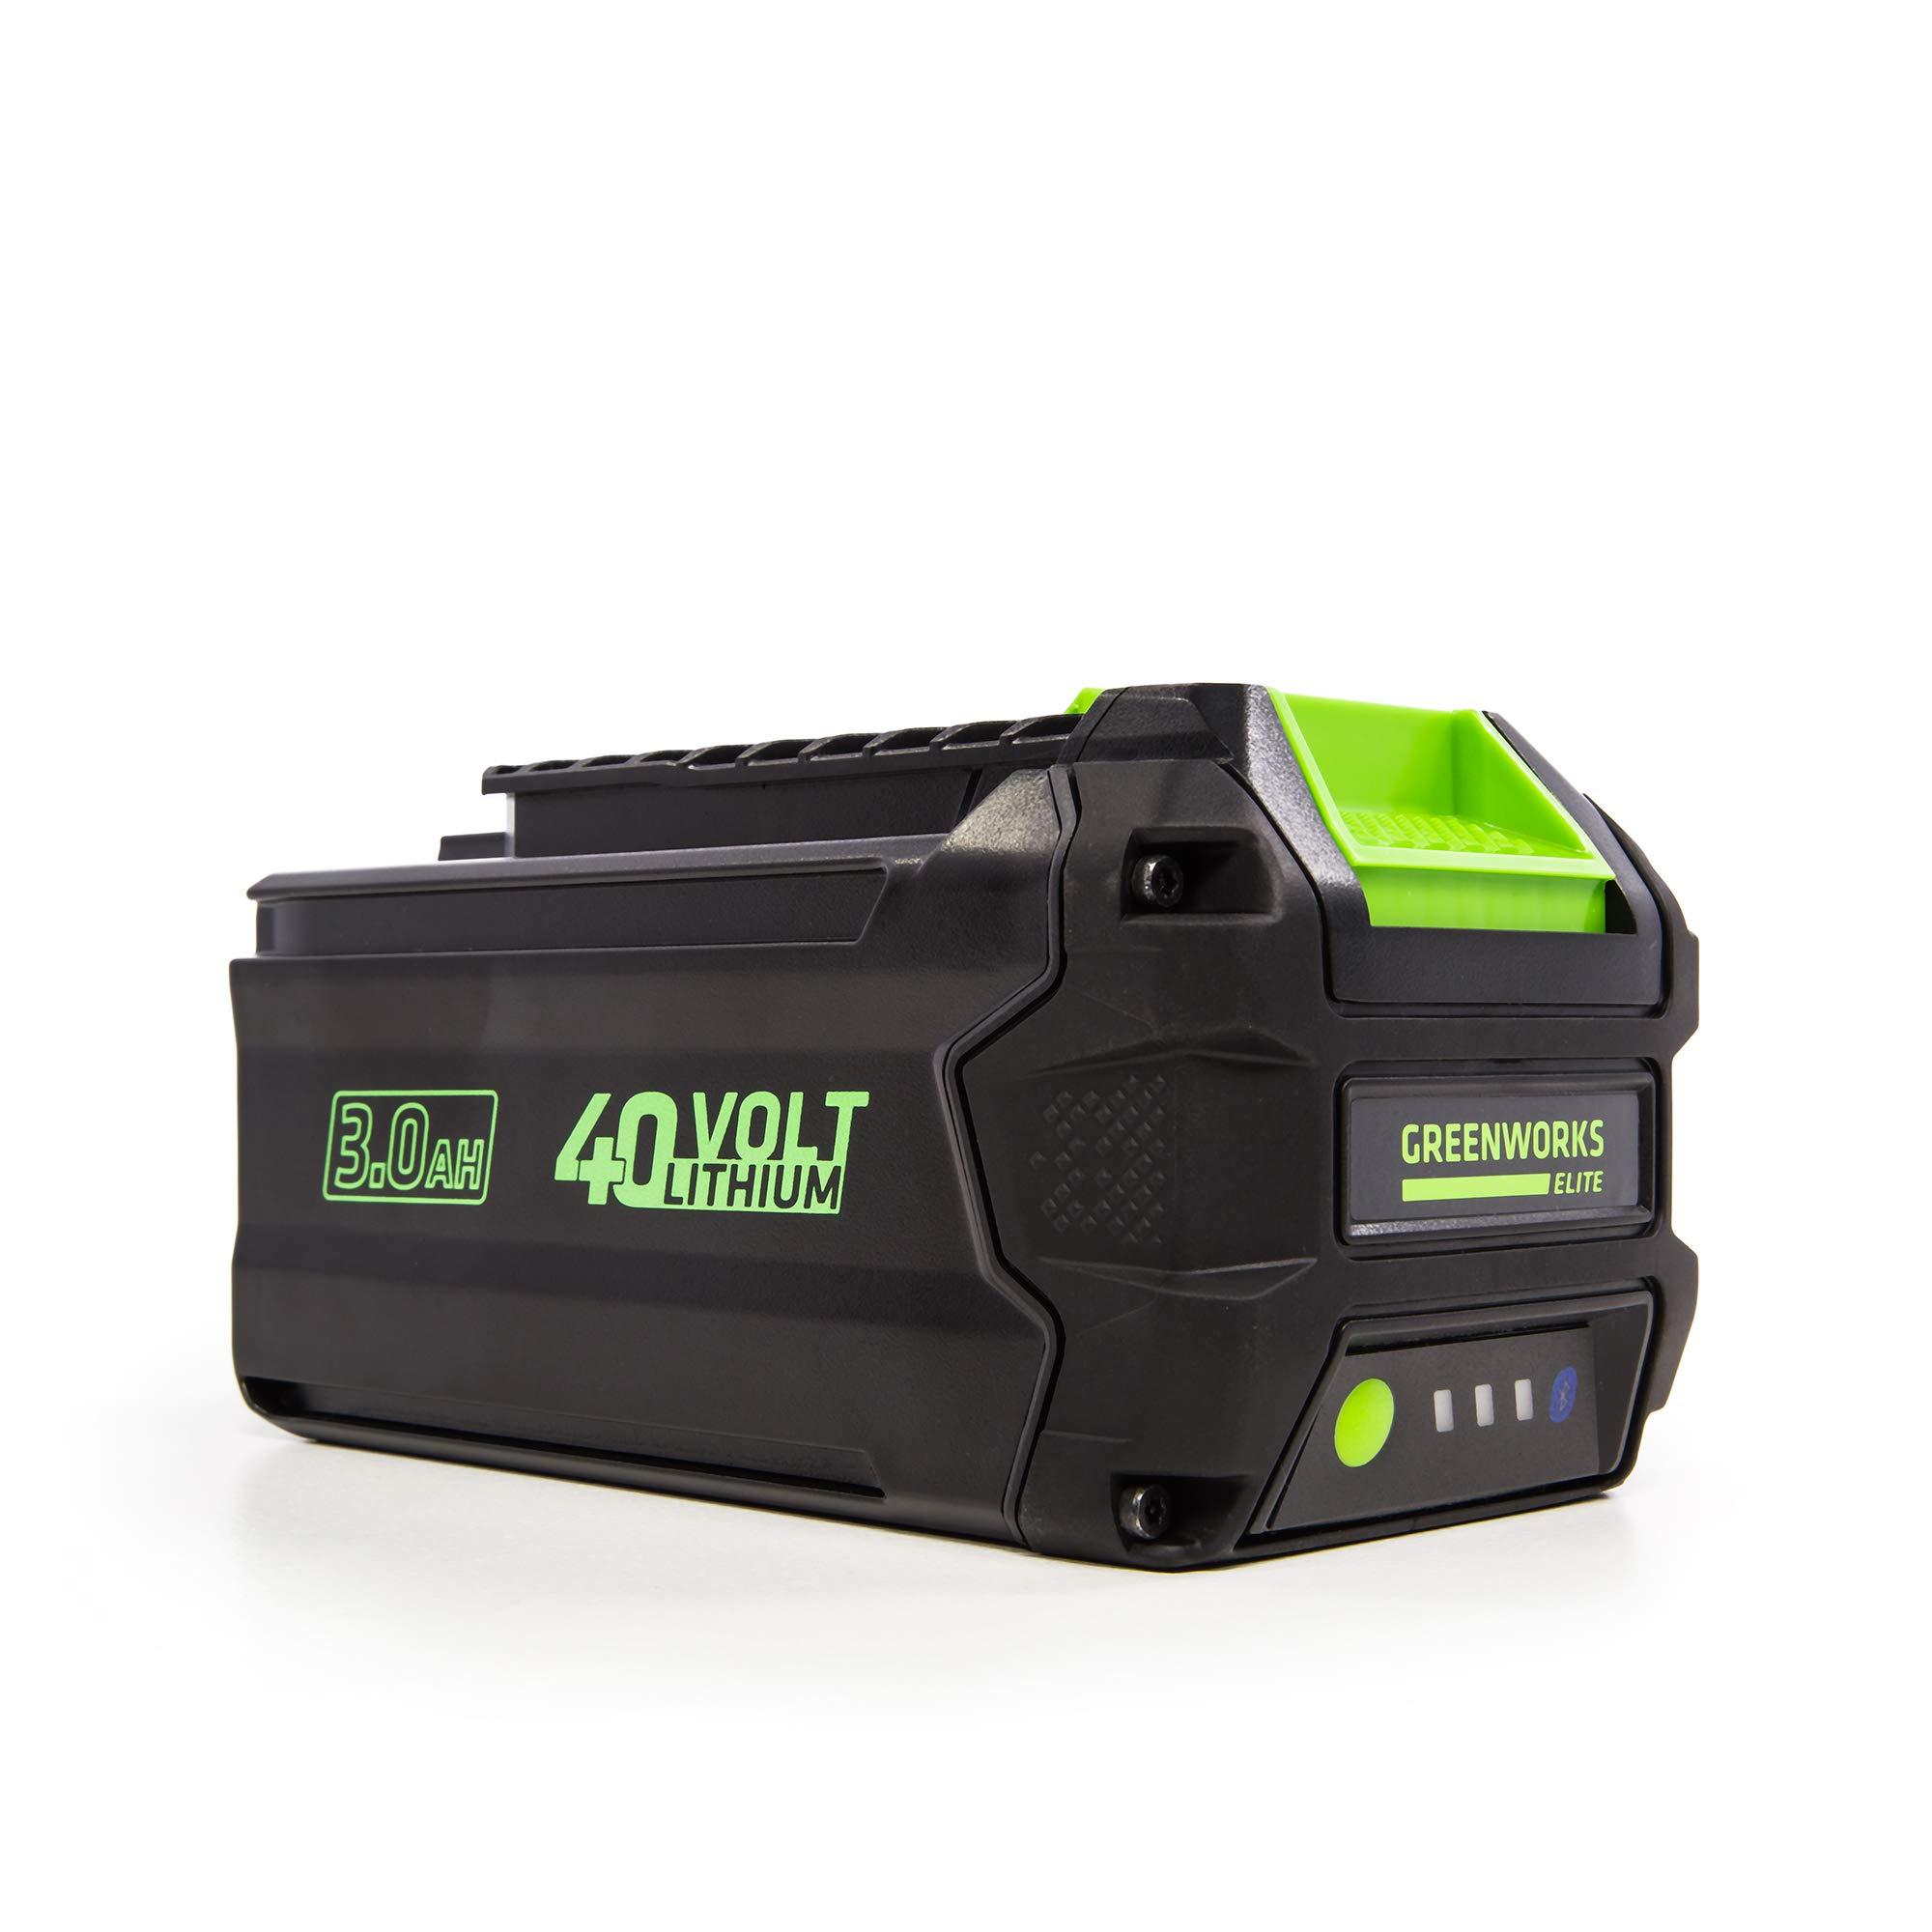 Greenworks 40V 3AH Smart Lithium-Ion USB Battery, 3.0 Ah L-300